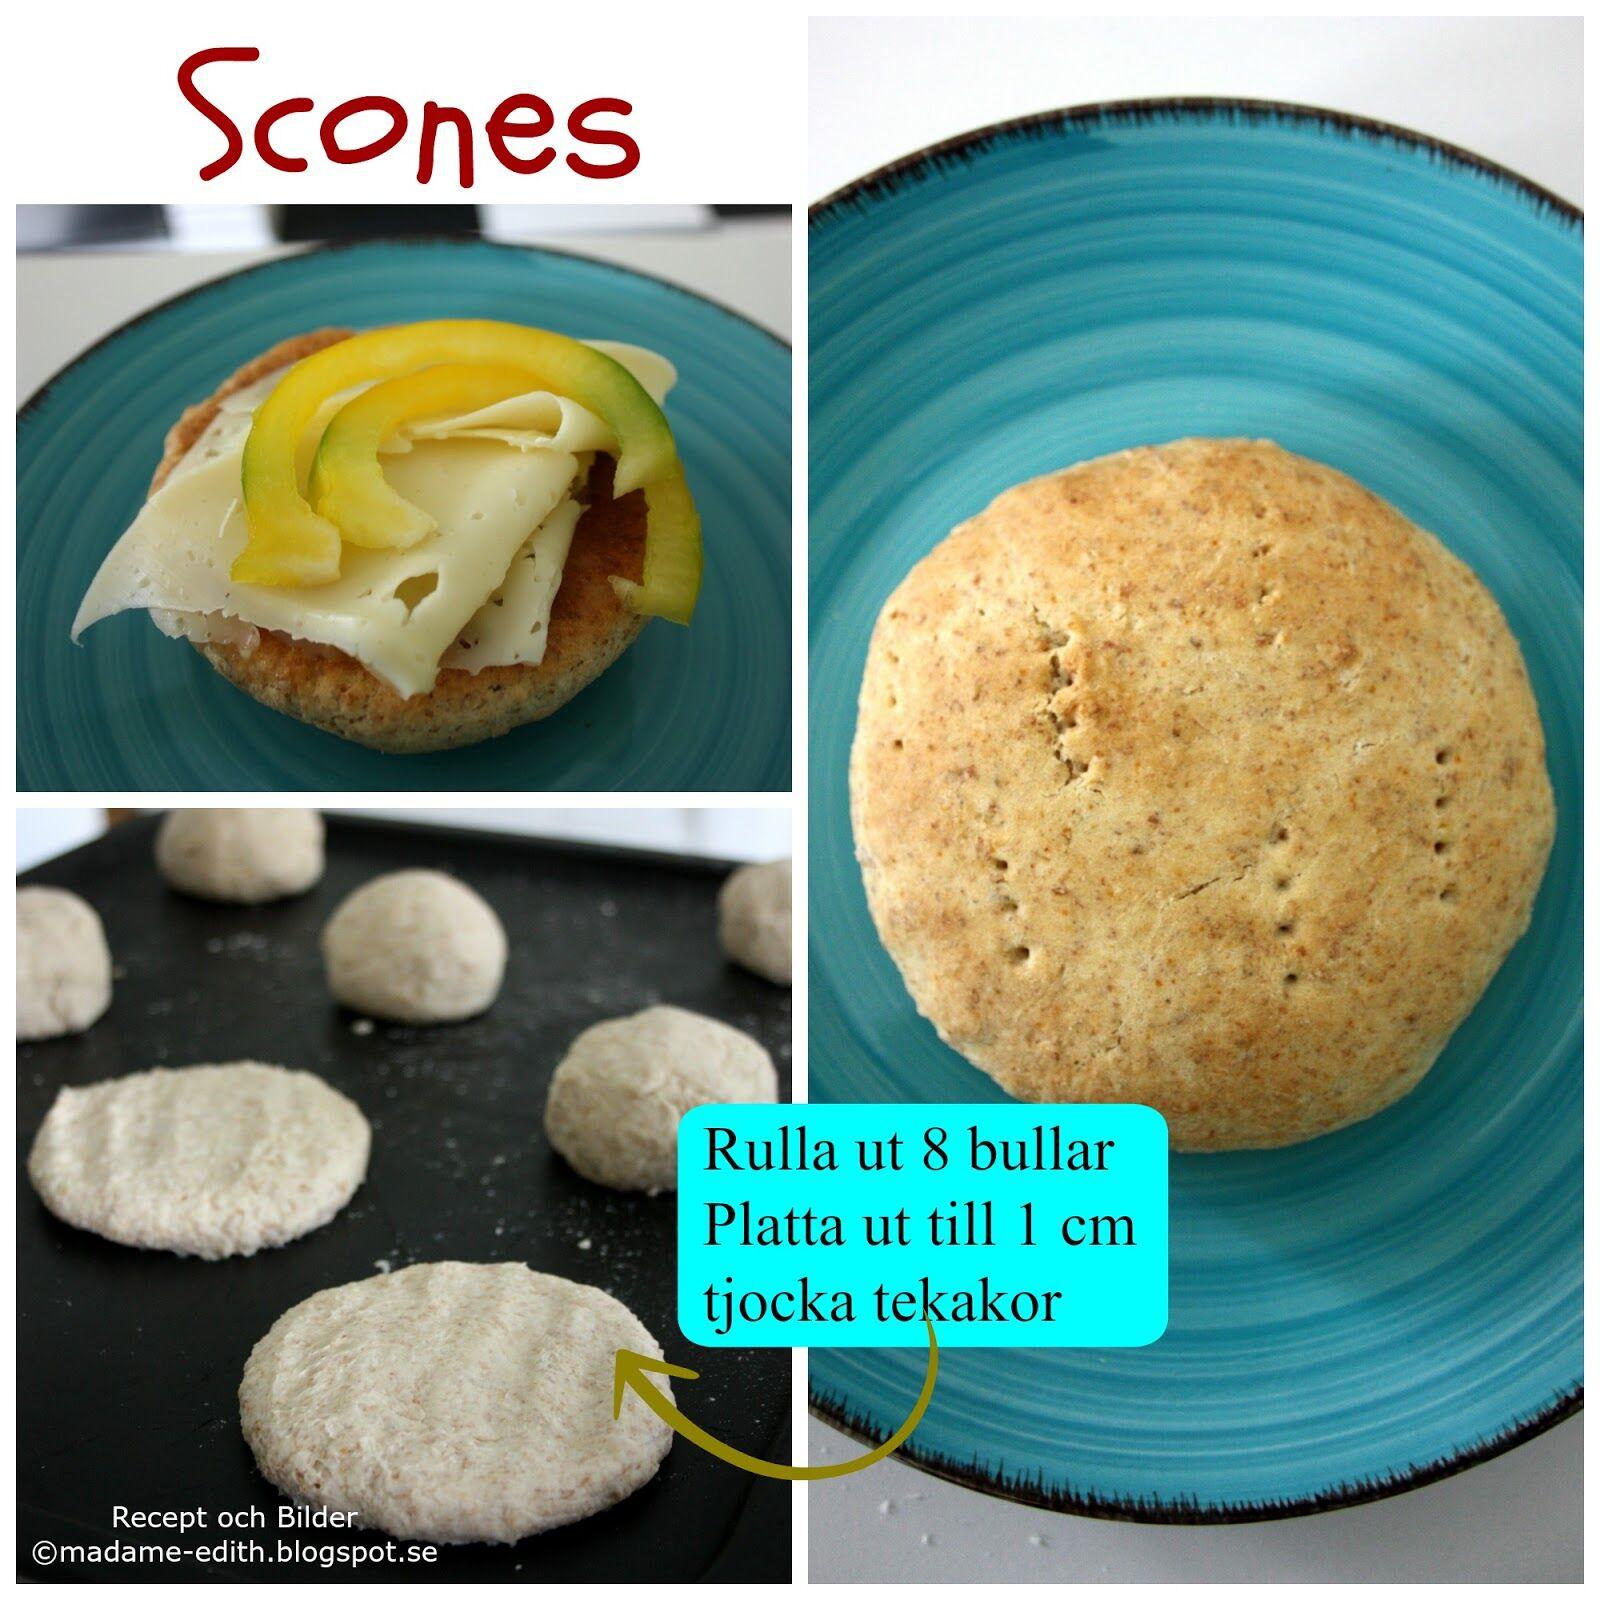 Scones 5